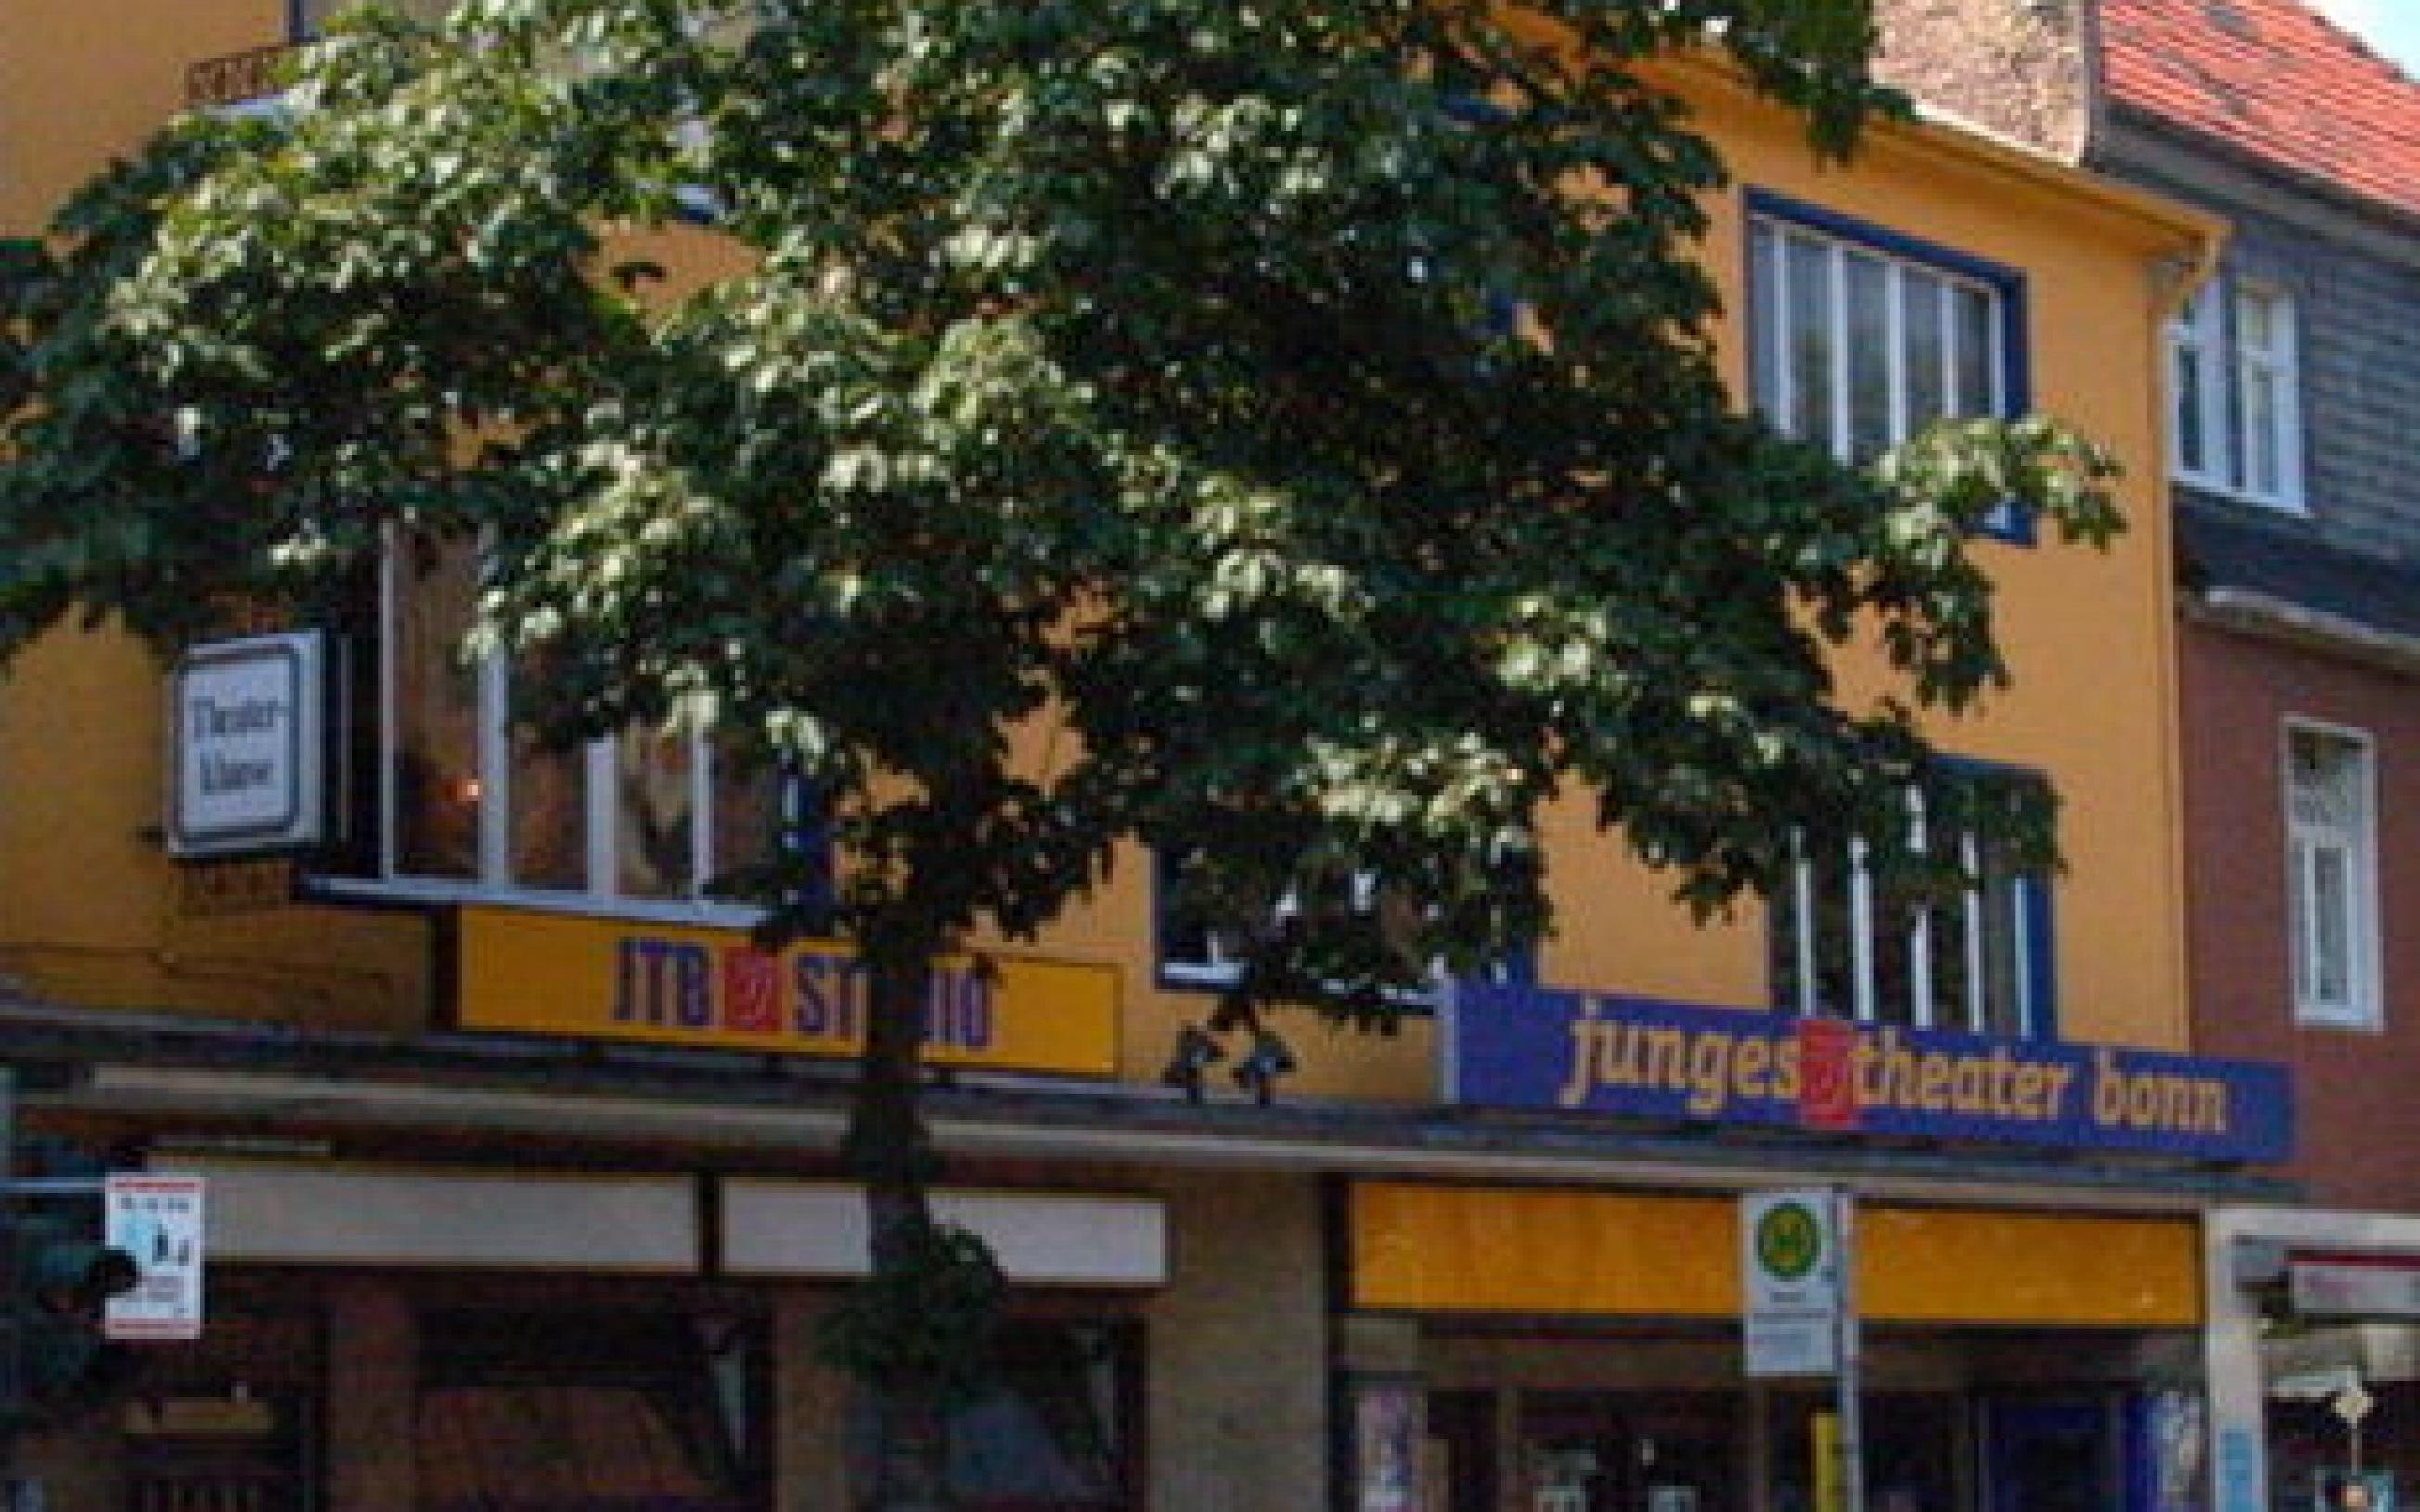 Junges Theater Bonn, Aussenansicht